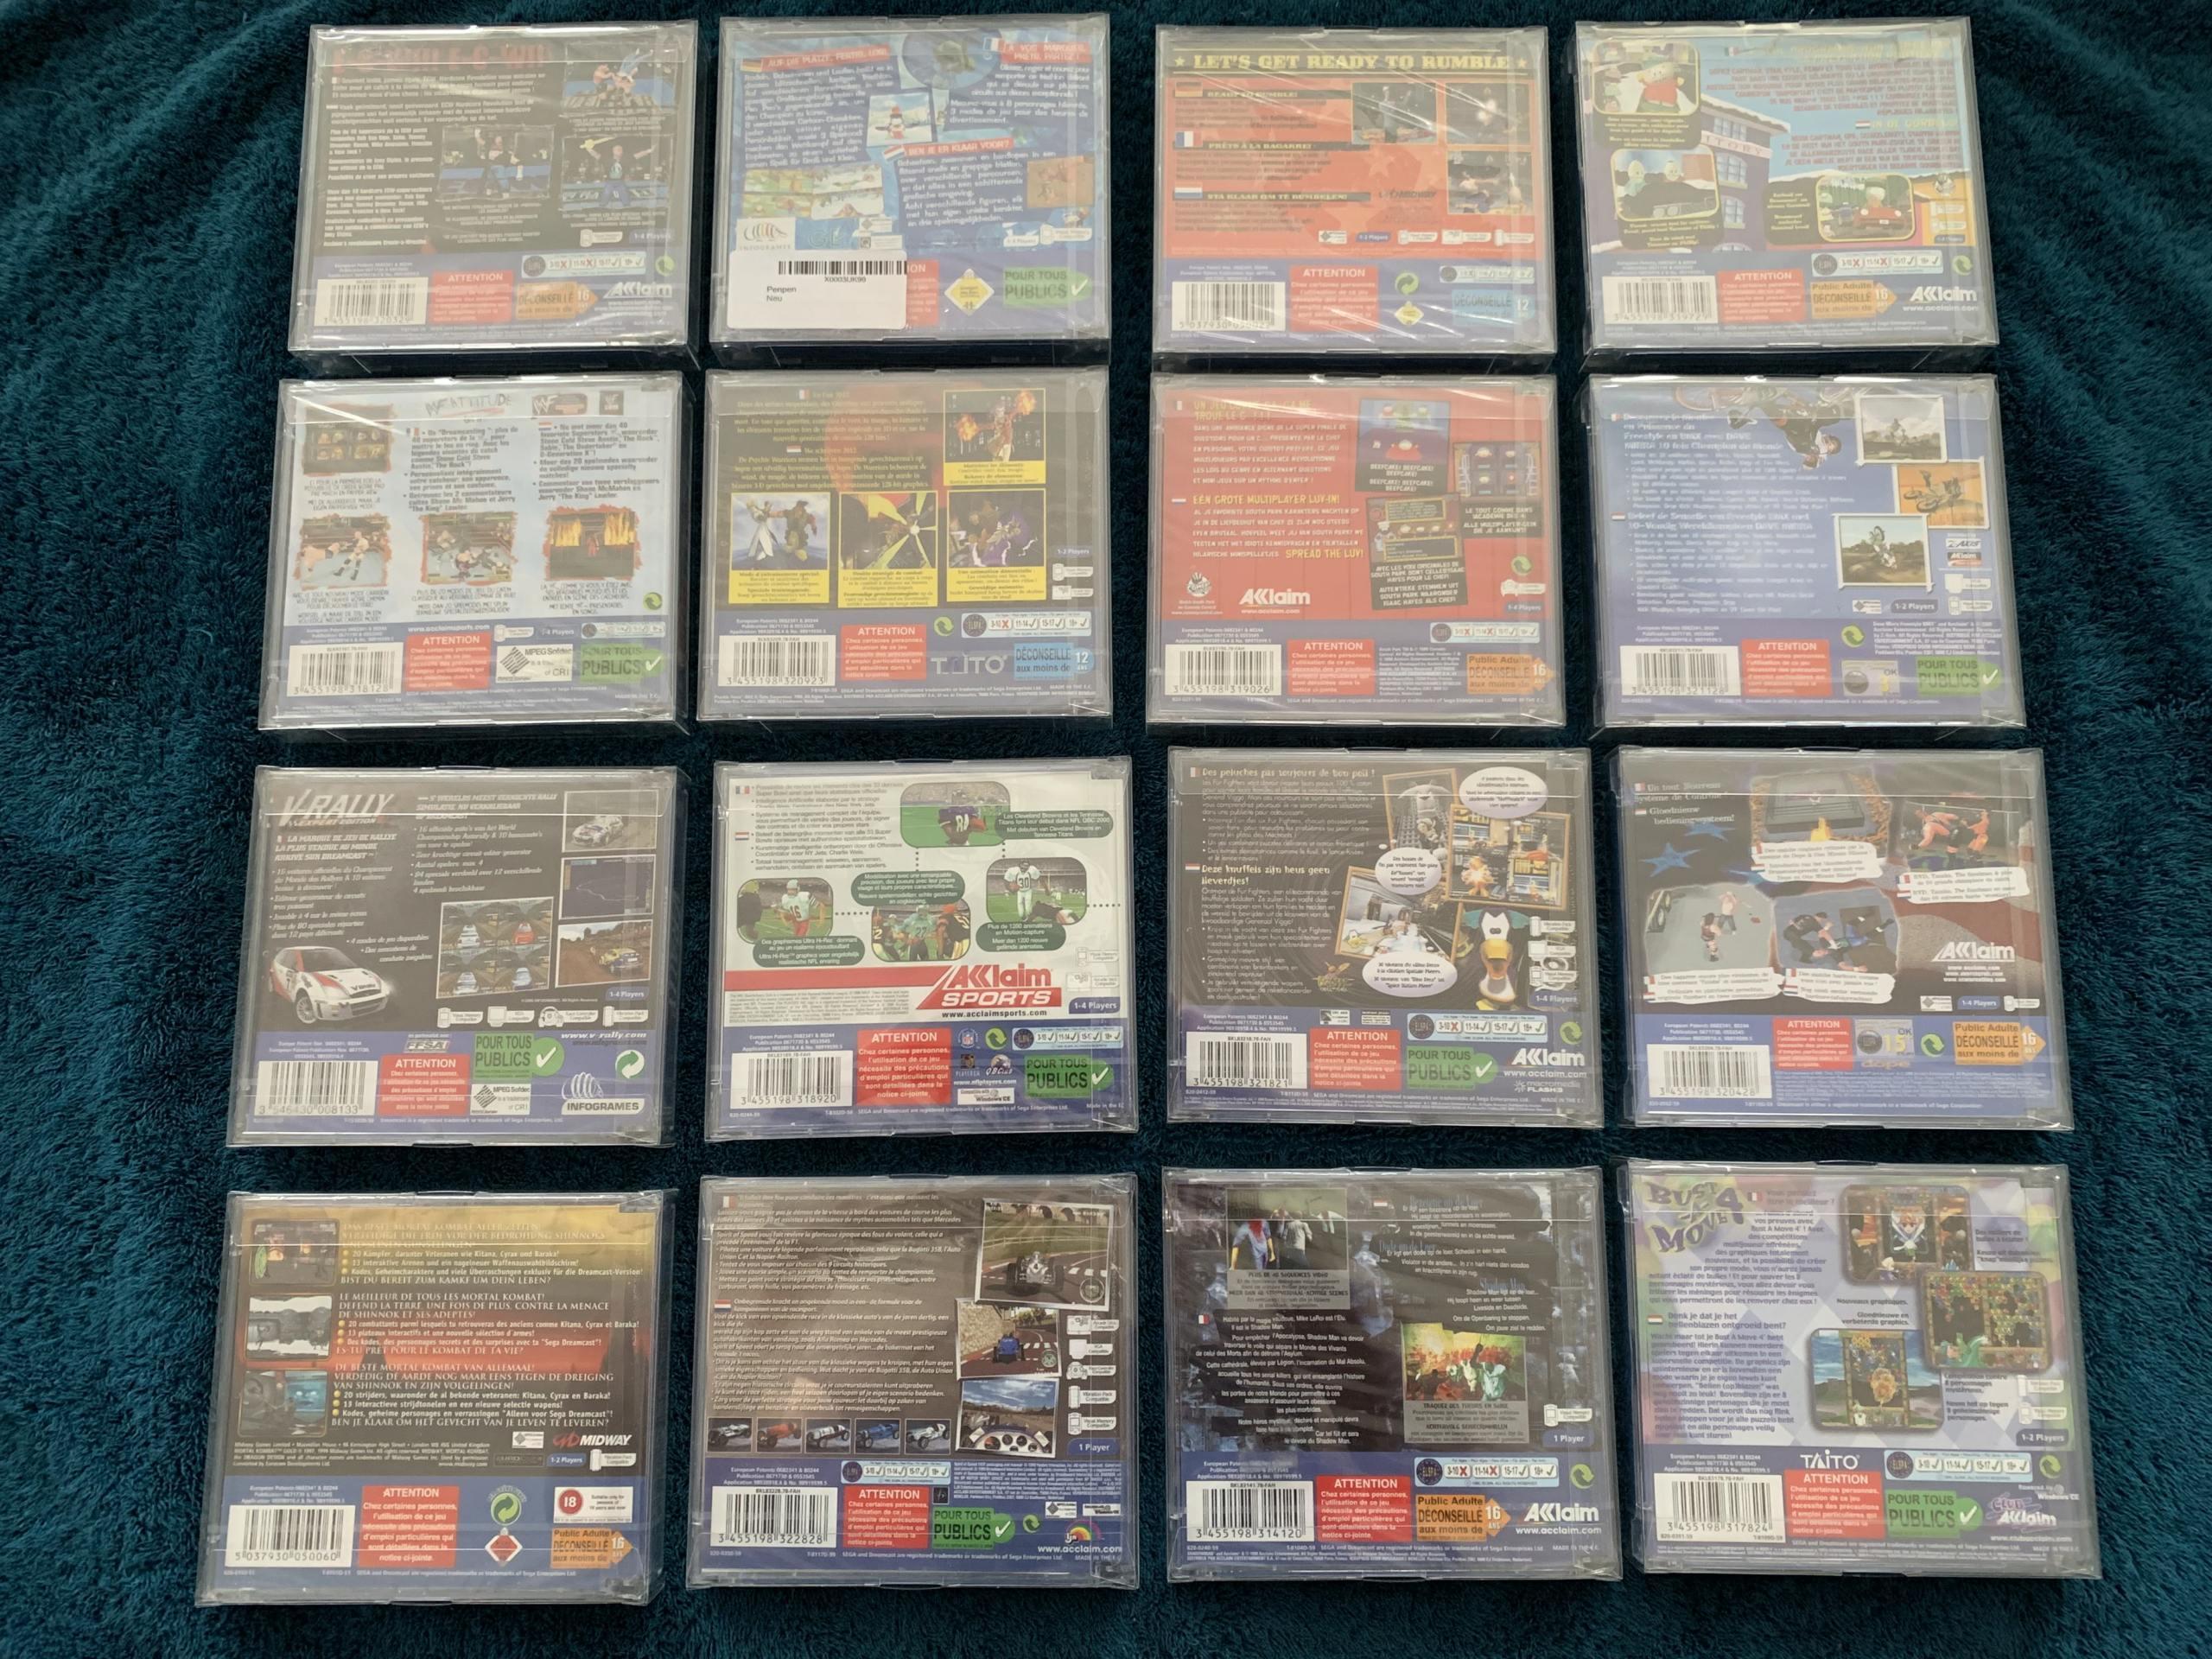 [VENDU] Fullset Jeux Dreamcast, Accessoires, Promo, Rigides... - 350 pièces - NEUF SOUS BLISTER 012_fu10